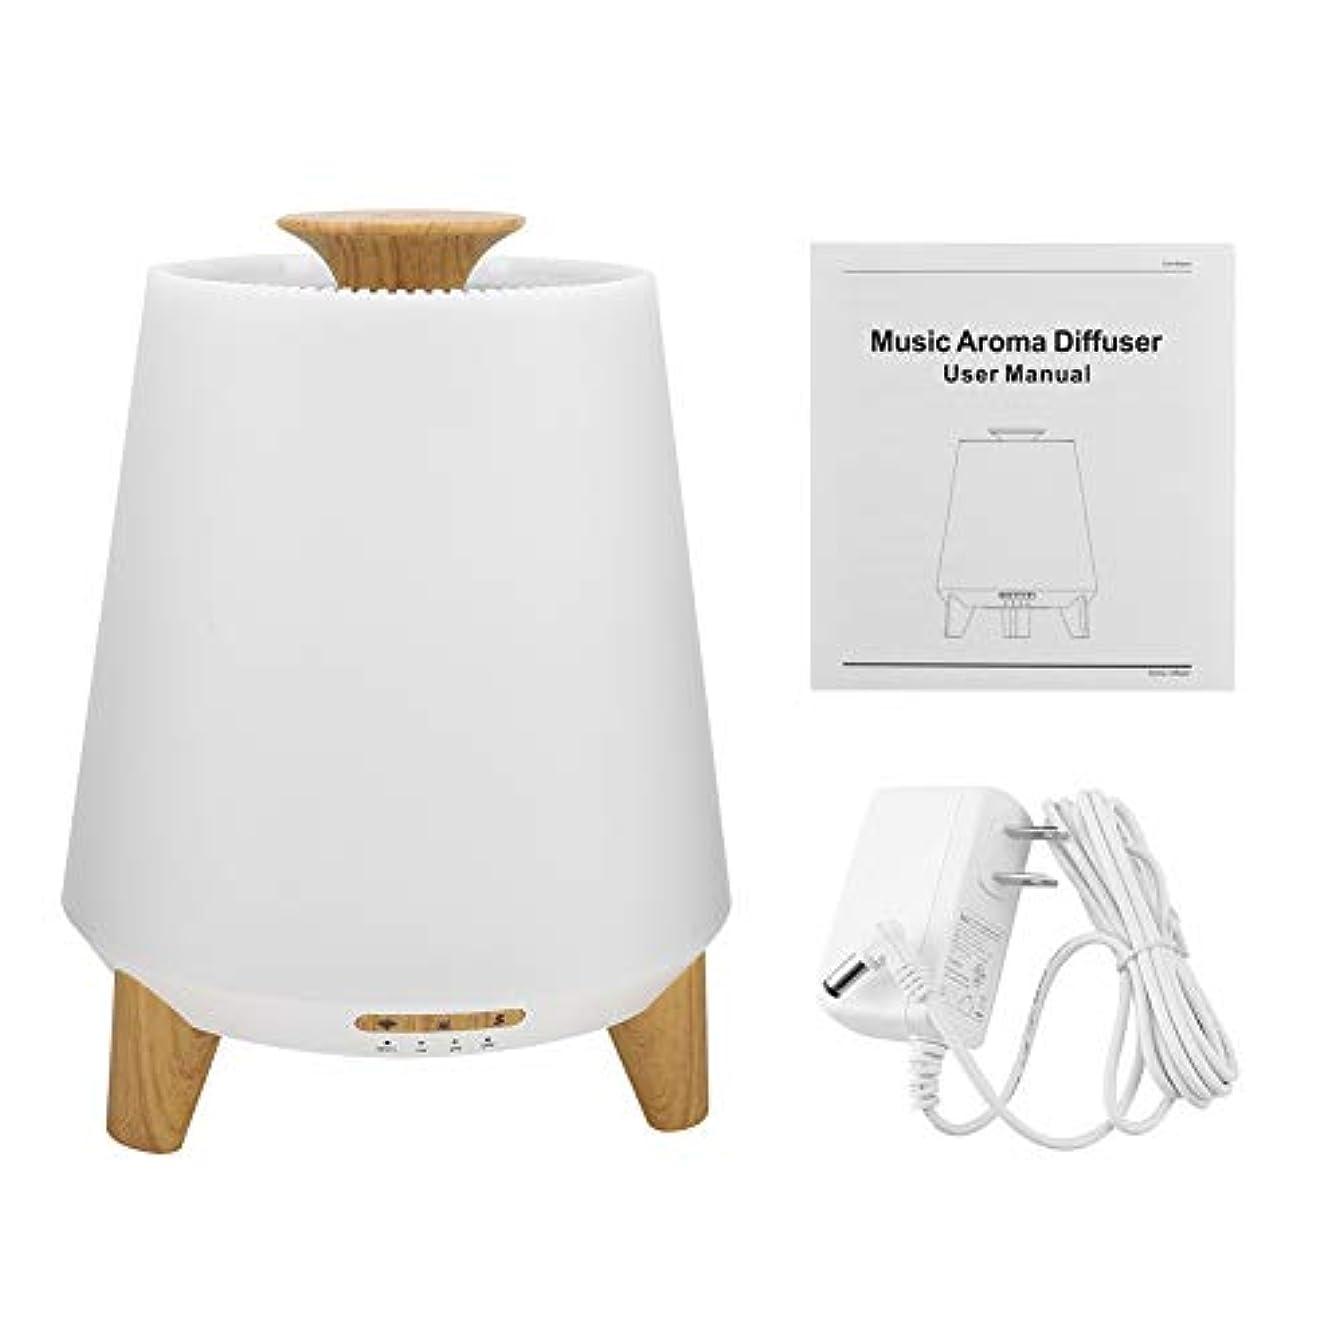 浸漬ヒロインバスケットボール加湿器 アロマディフューザー 音楽プレーヤー 3 in 1 7色LEDライト クールミスト WIFI スマート 超音波 アロマ エッセンシャルオイル 互換性用 300ml(#1)